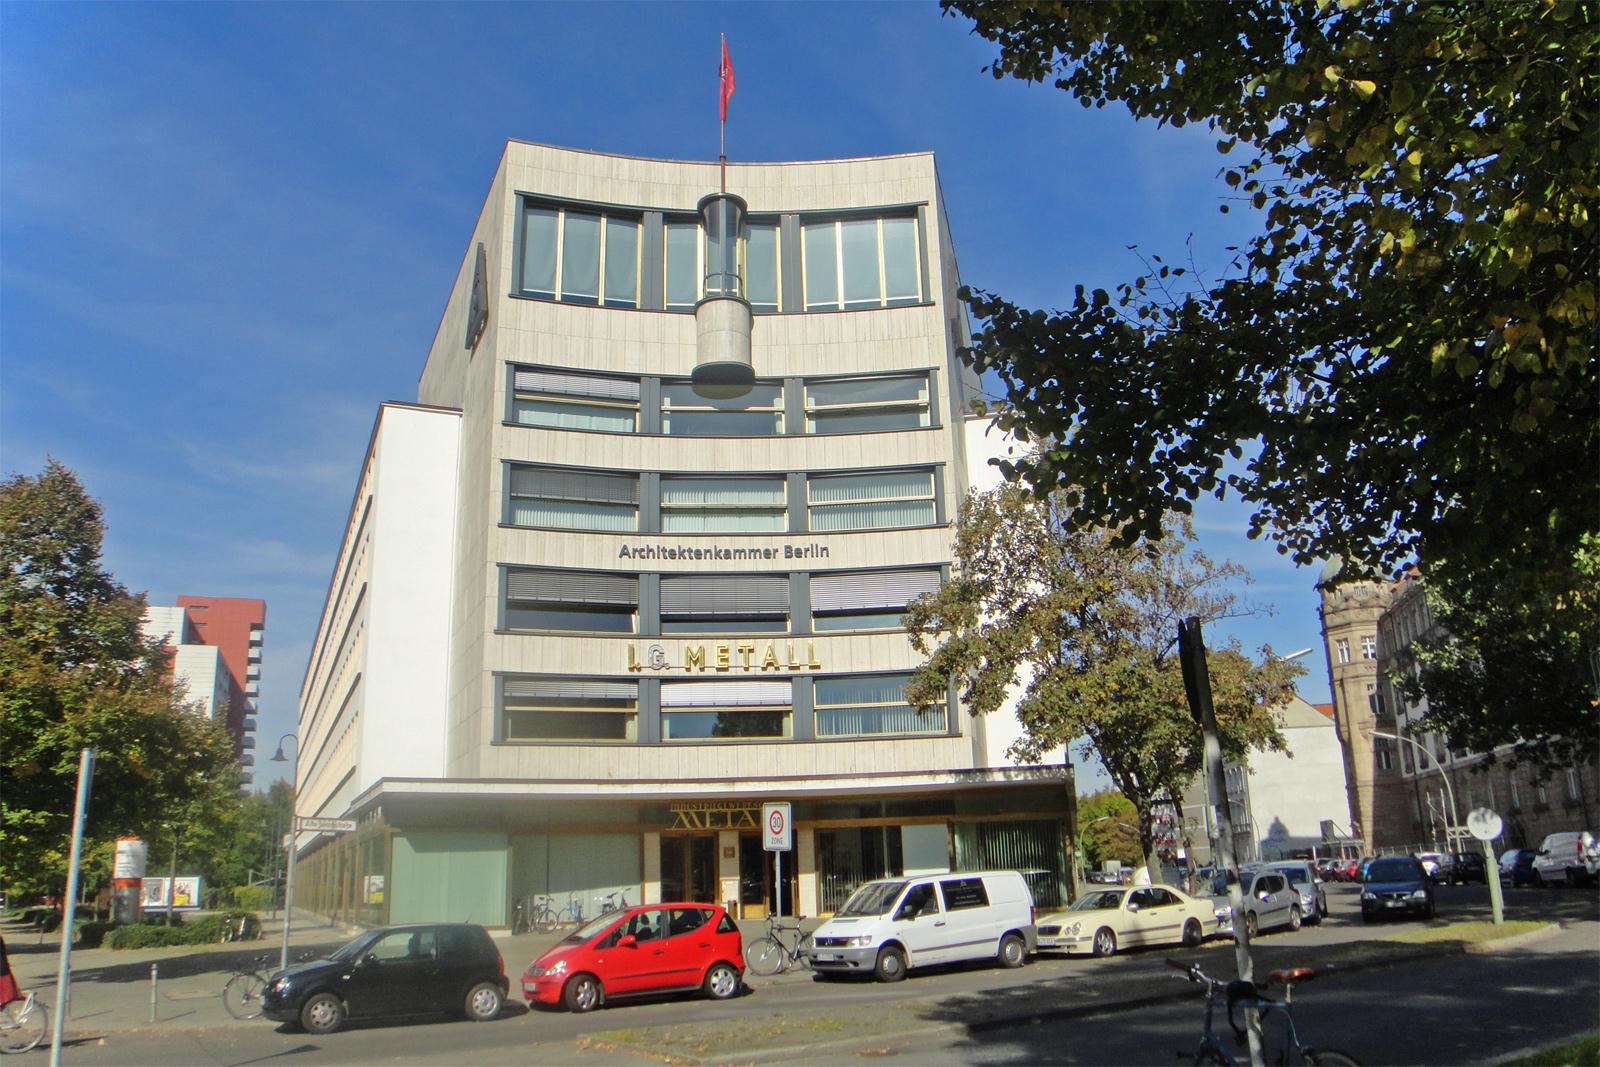 Die neue Geschäftsstelle der Architektenkammer Berlin